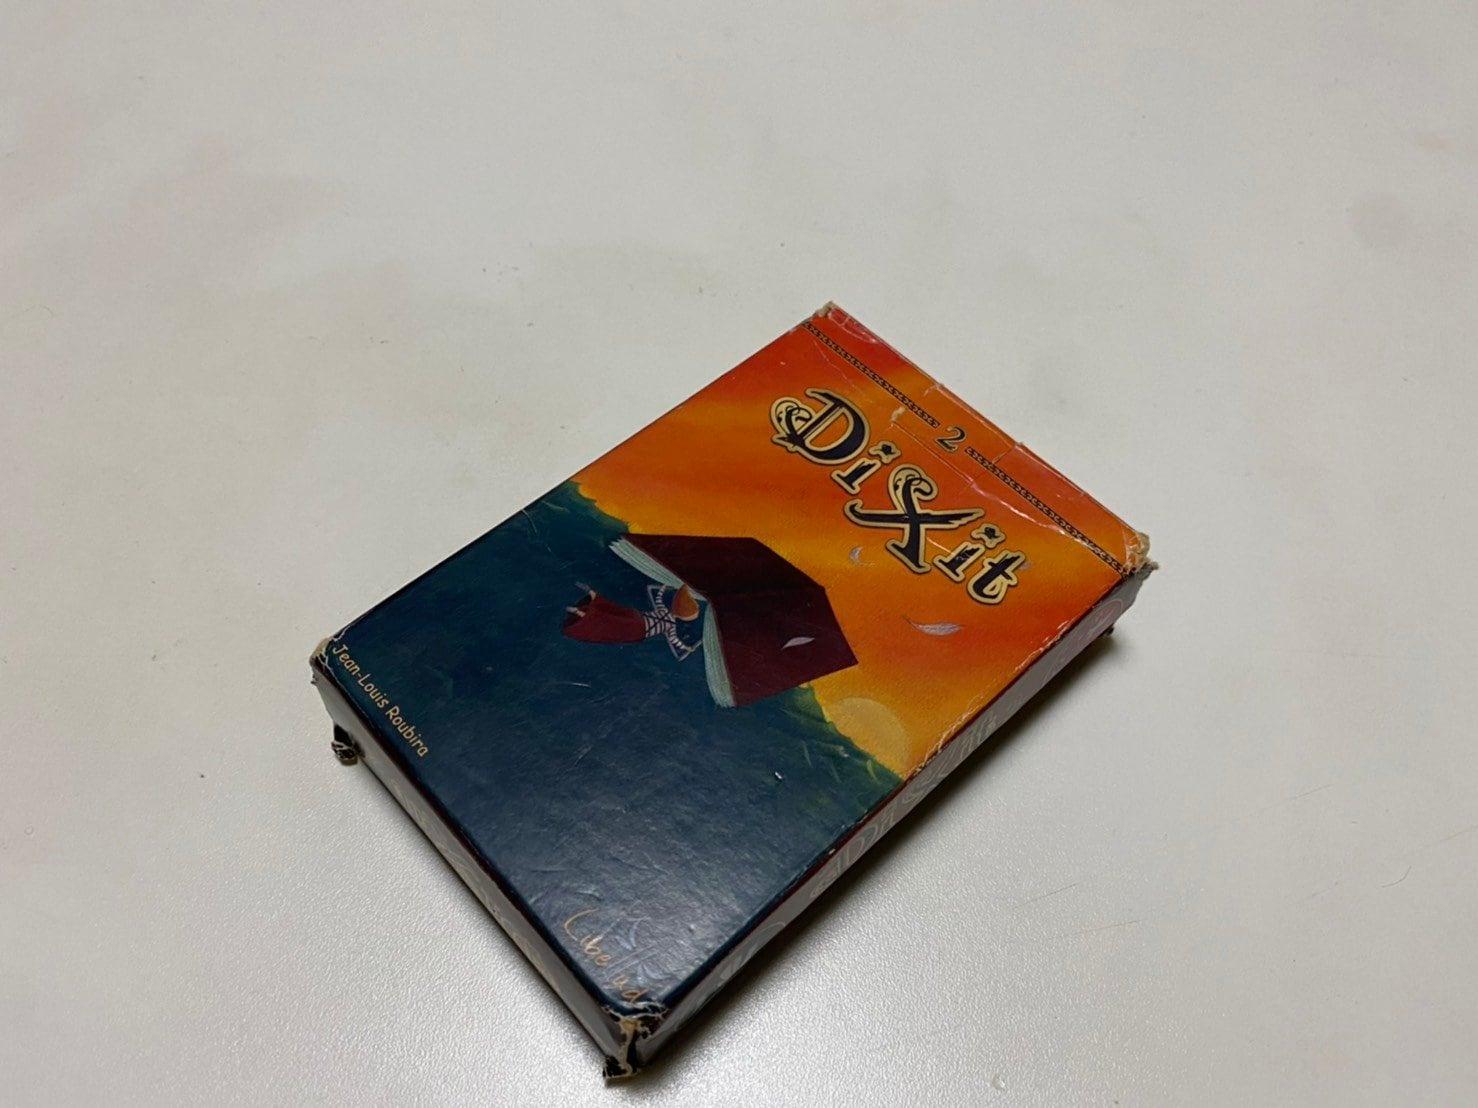 外出自粛期間にアナログゲームを!言葉で想像力を鍛える『Dixit』がオススメなワケの画像002